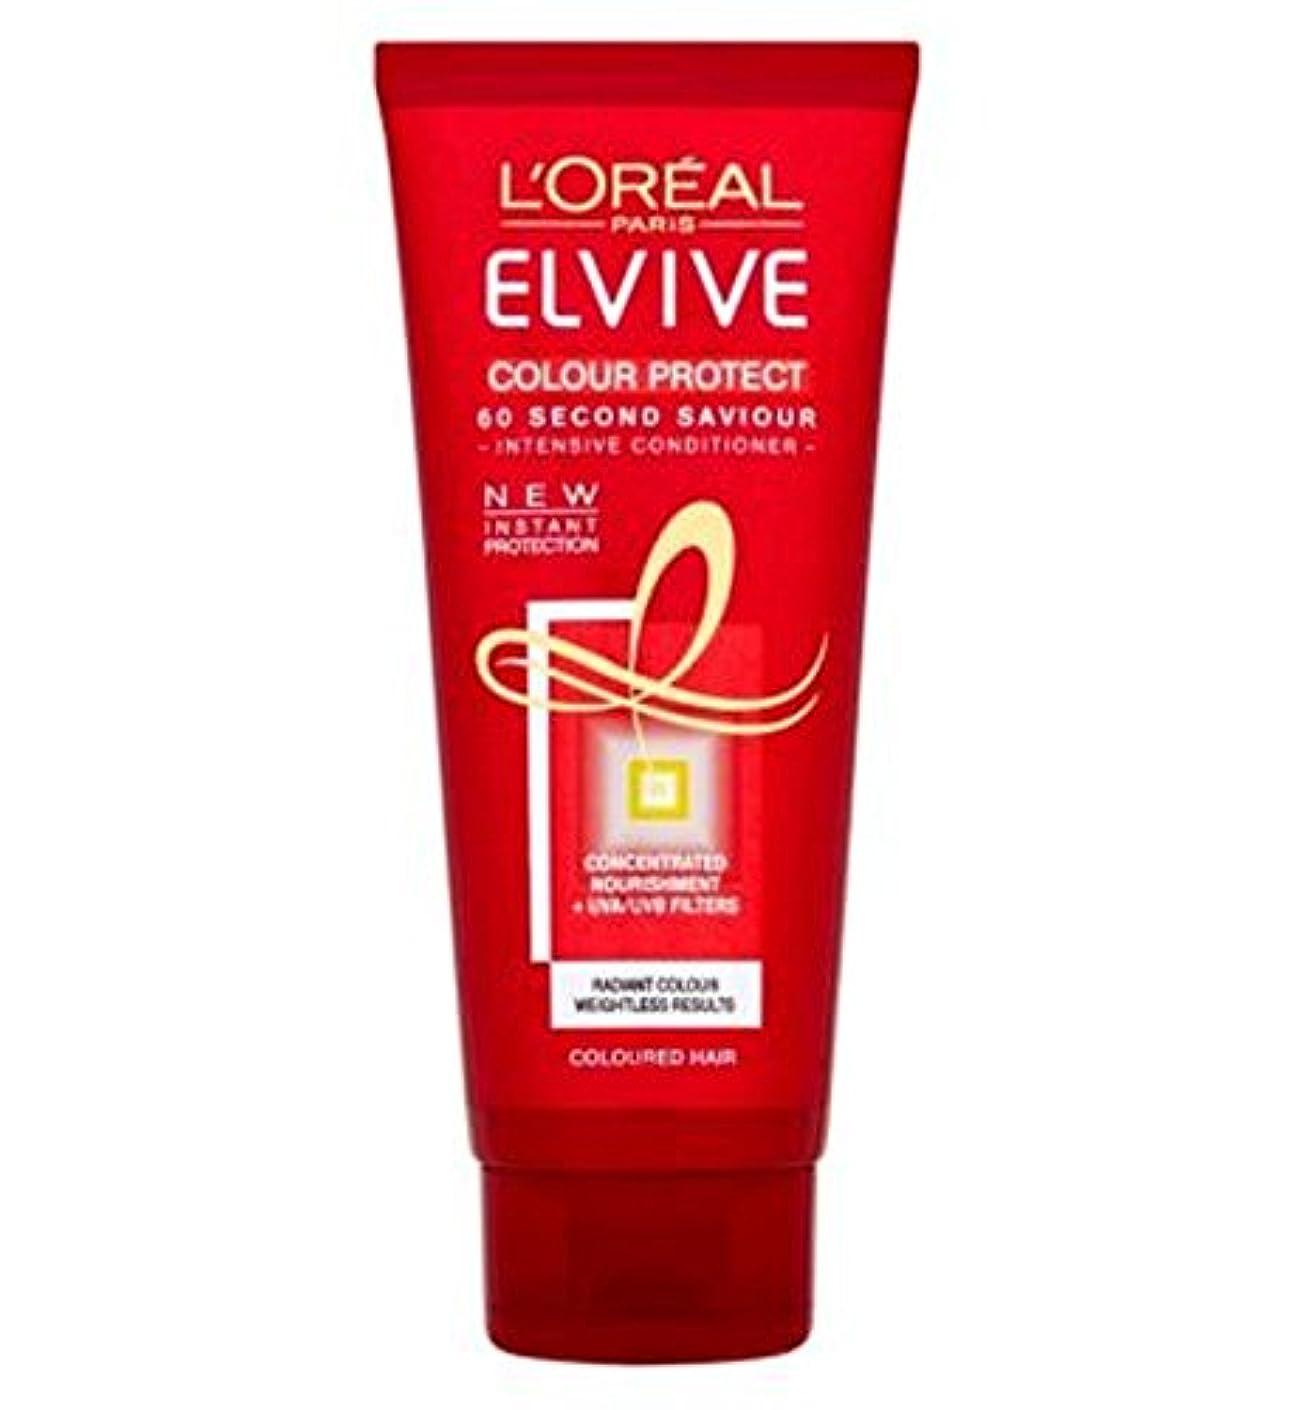 対抗かる平和なL'Oreall Elvive Colour Protect Conditioner 200ml - L'Oreall Elviveカラーコンディショナー200ミリリットルを保護 (L'Oreal) [並行輸入品]